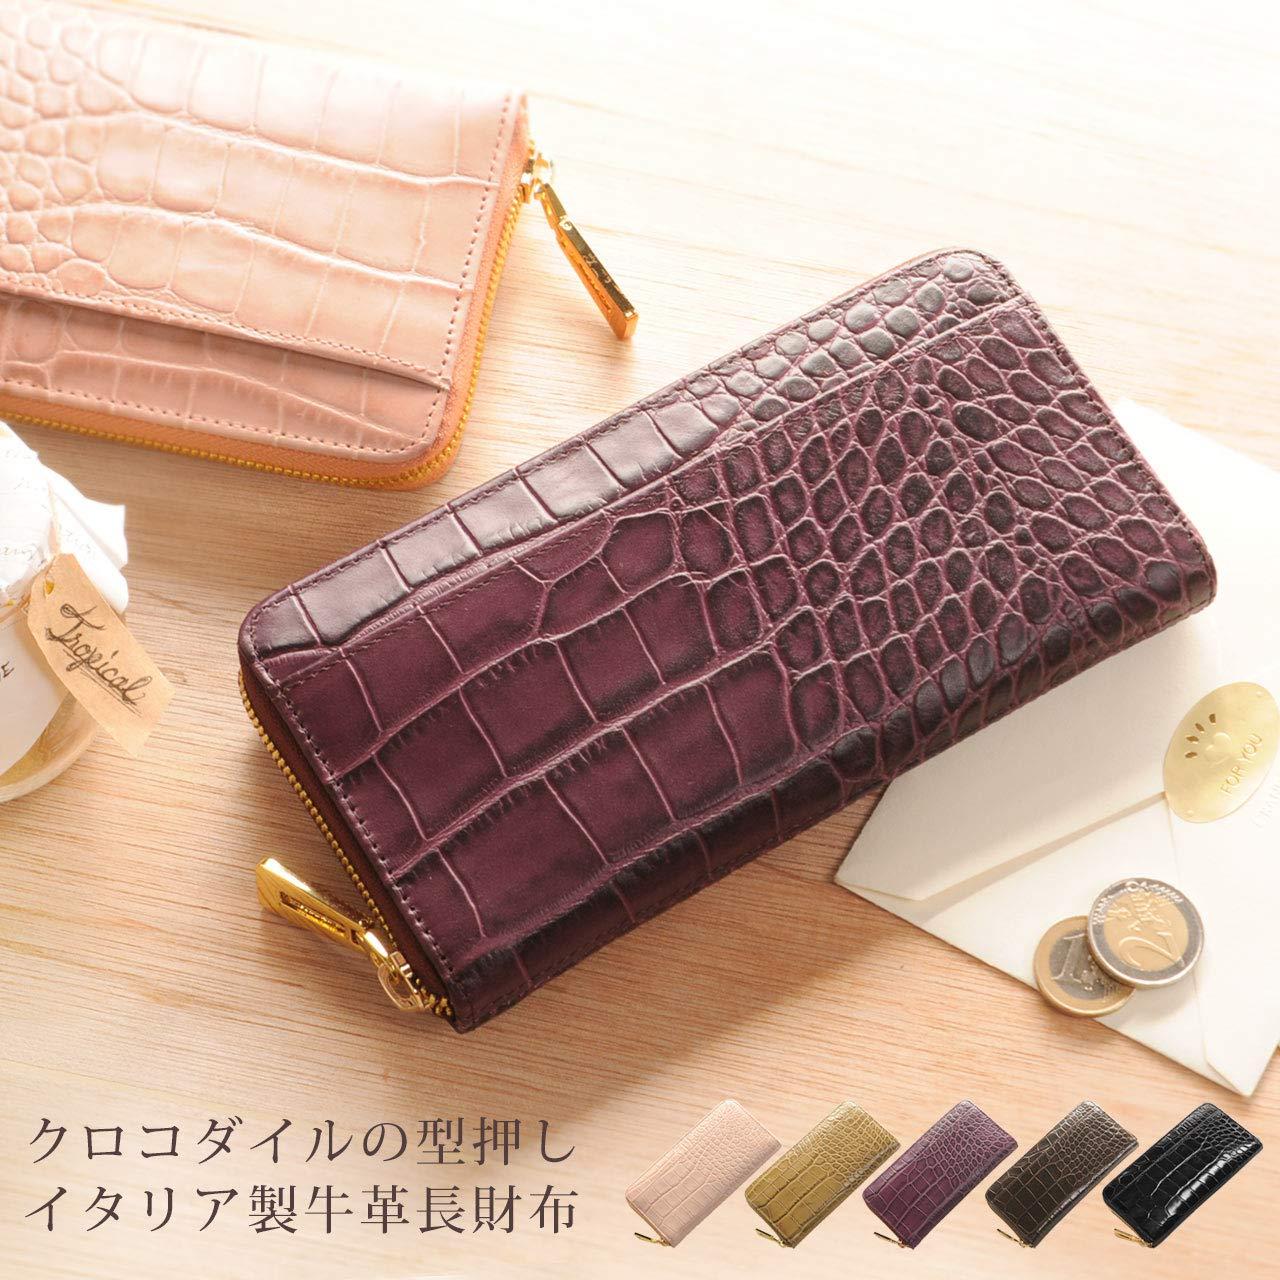 24d594c6c777 Amazon   クロコダイル 型押し イタリア製レザー 長財布 レディース ラウンドファスナー 真鍮金具使用 : ピンク   財布